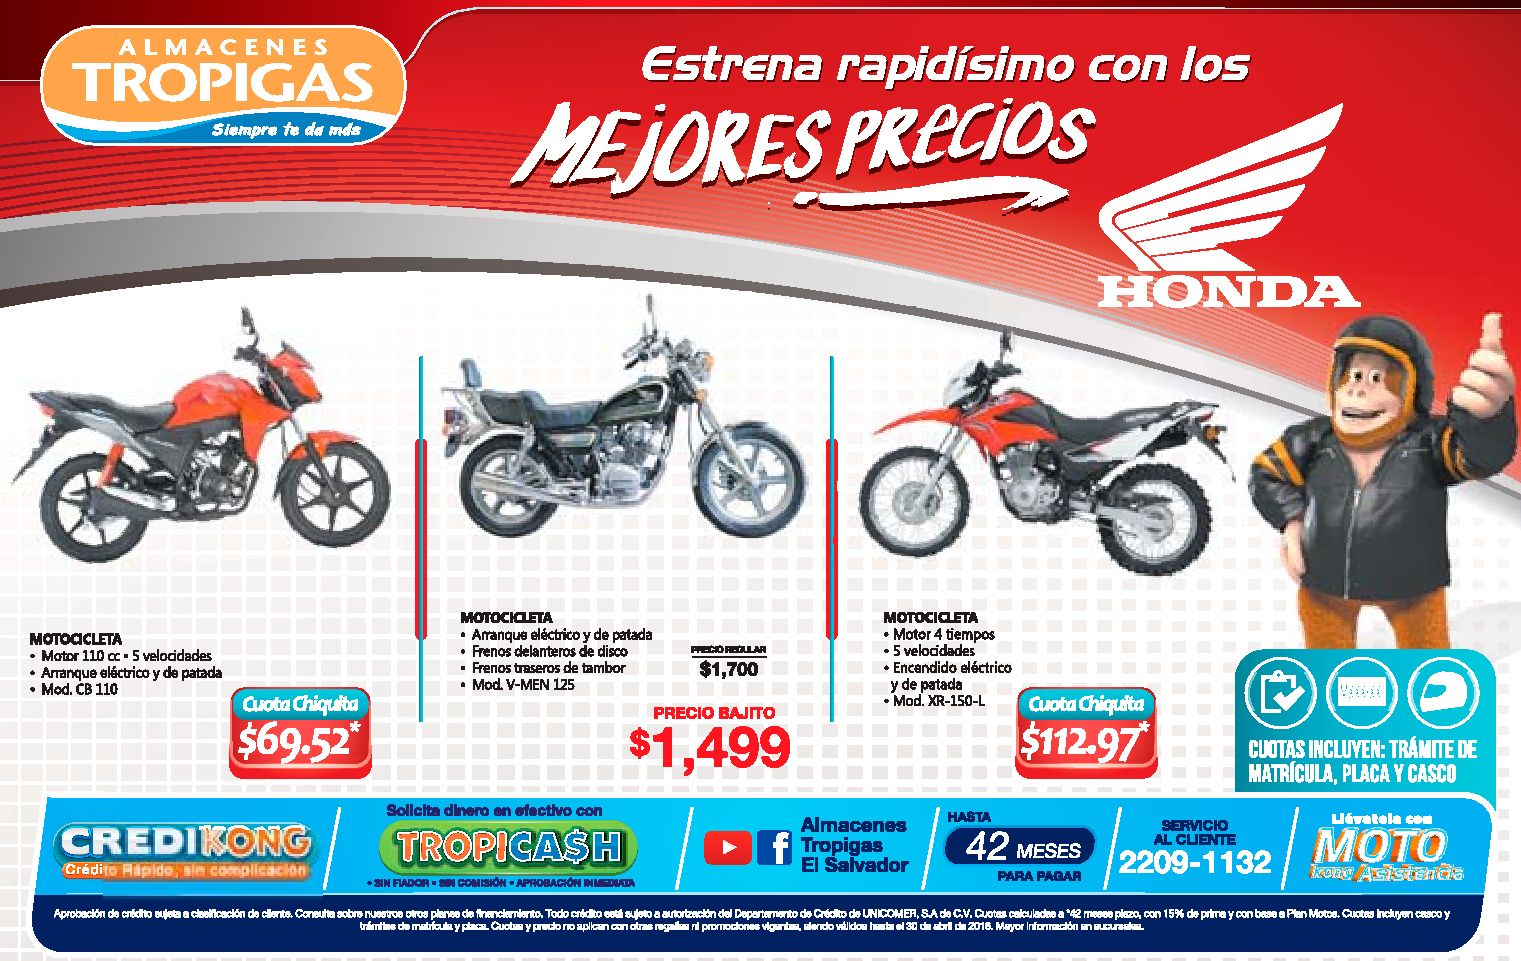 Almacenes Tropigas Estrena Tu Moto Honda Con Los Precios 20abr16